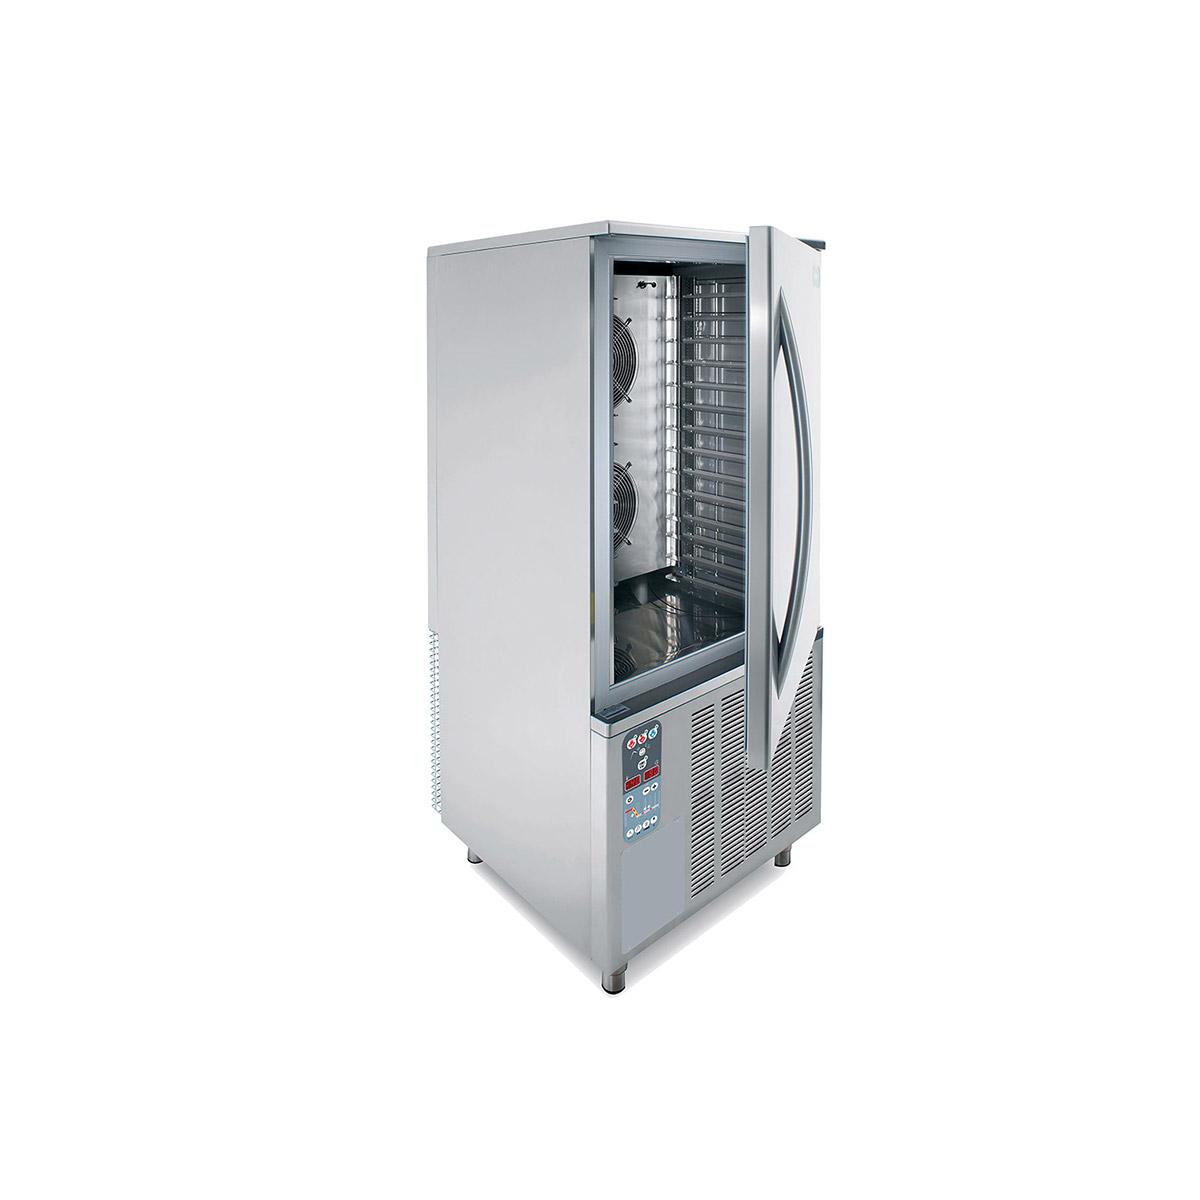 Blast shock 14 freezer Bravo